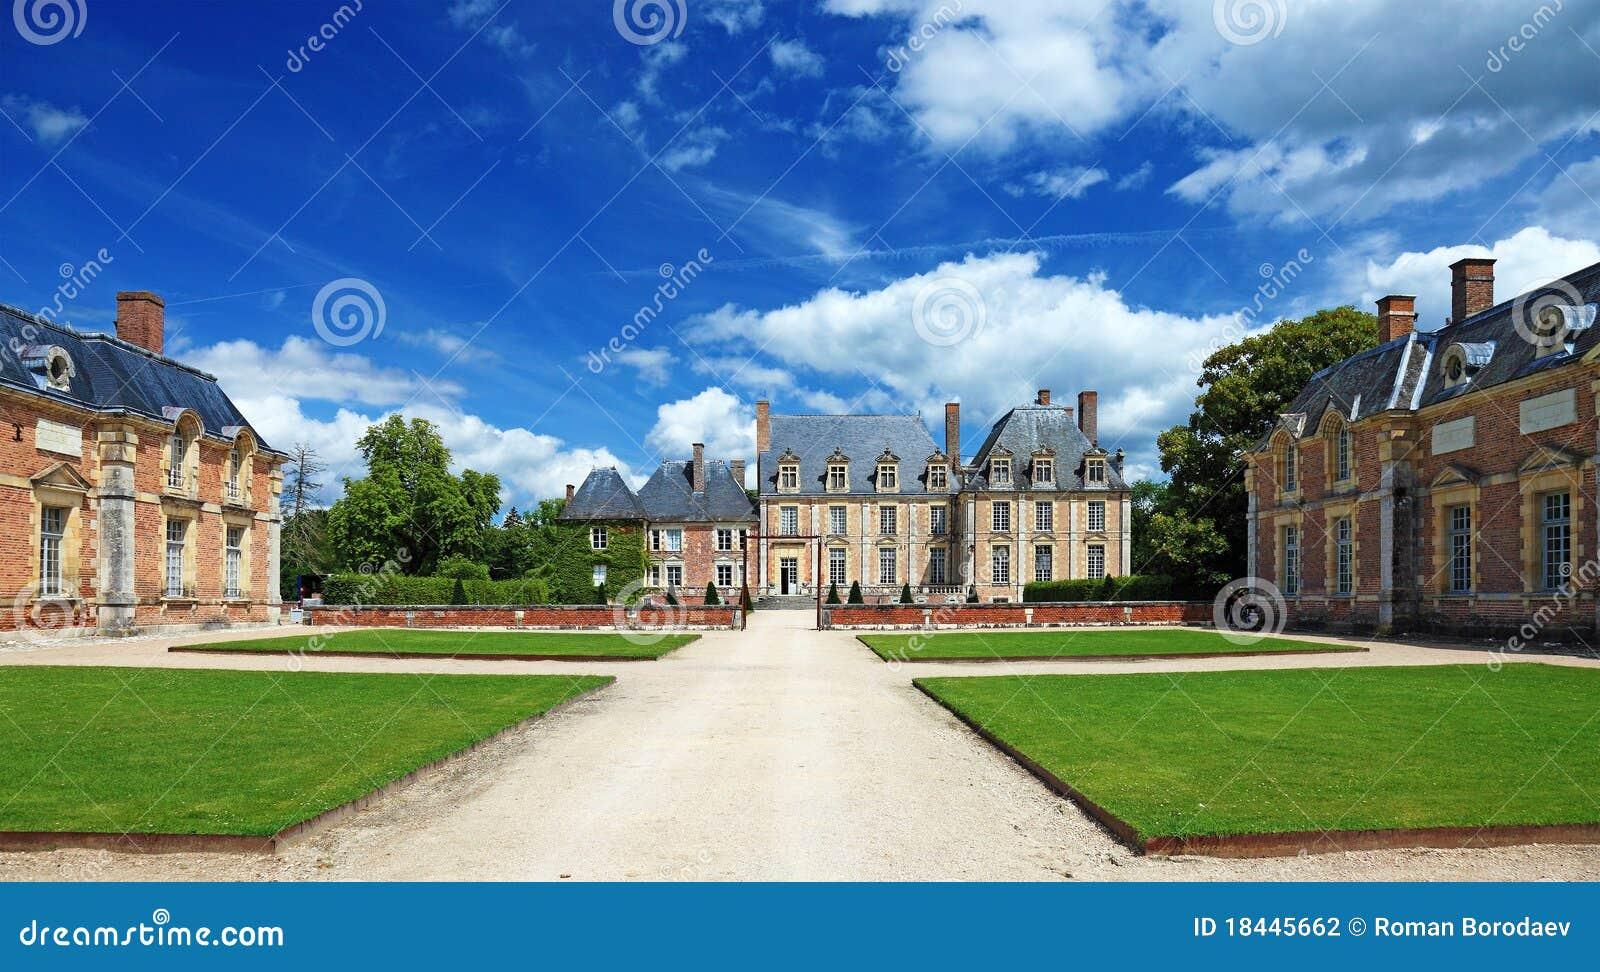 γαλλικό μέγαρο παλαιό